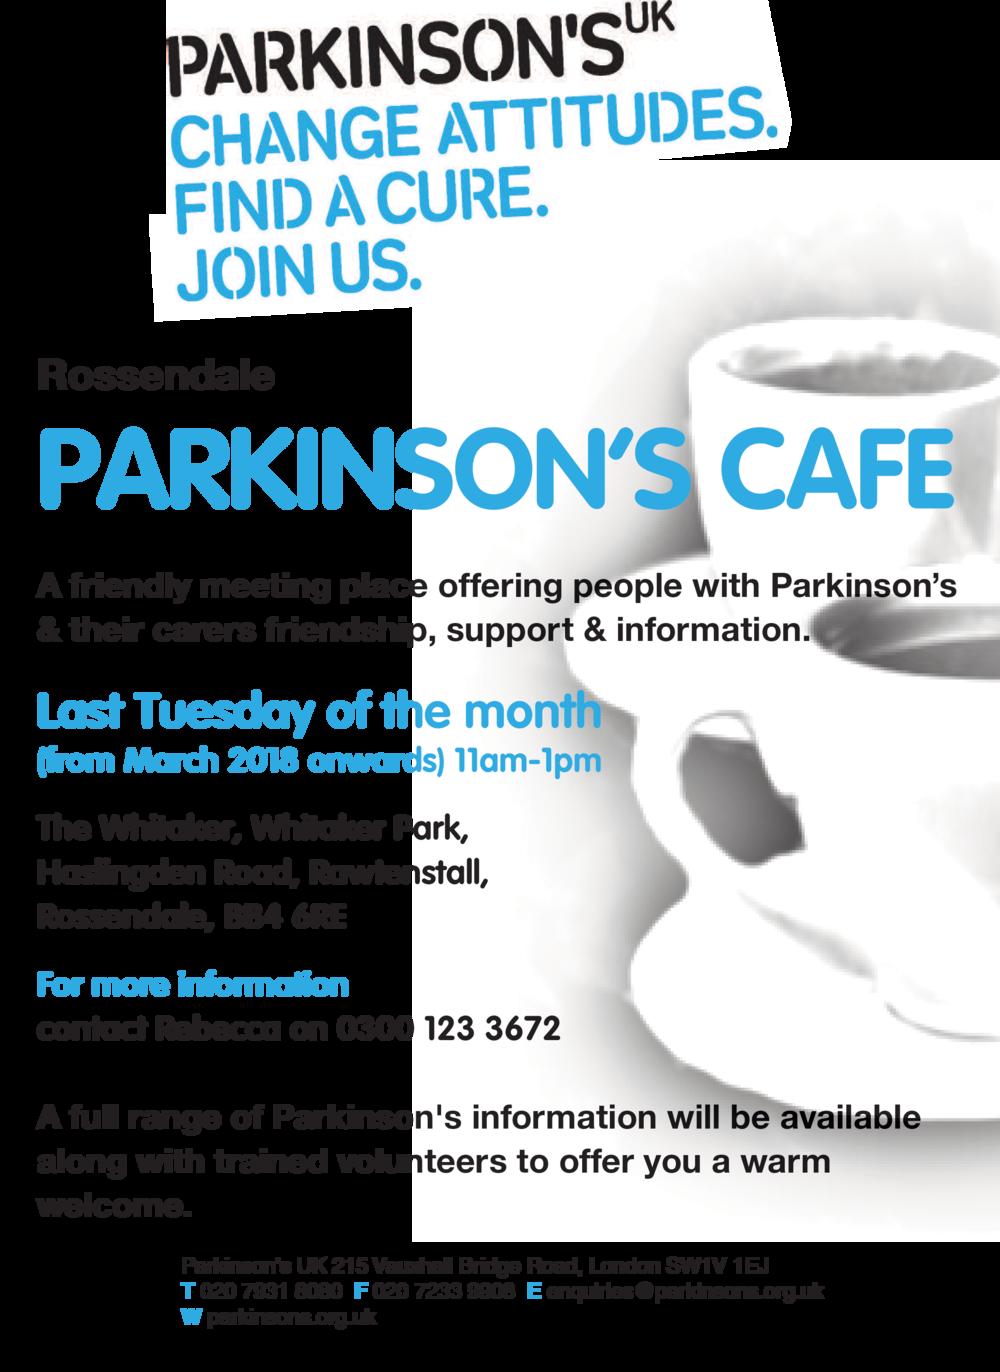 Rossendale Parkinsons Cafe